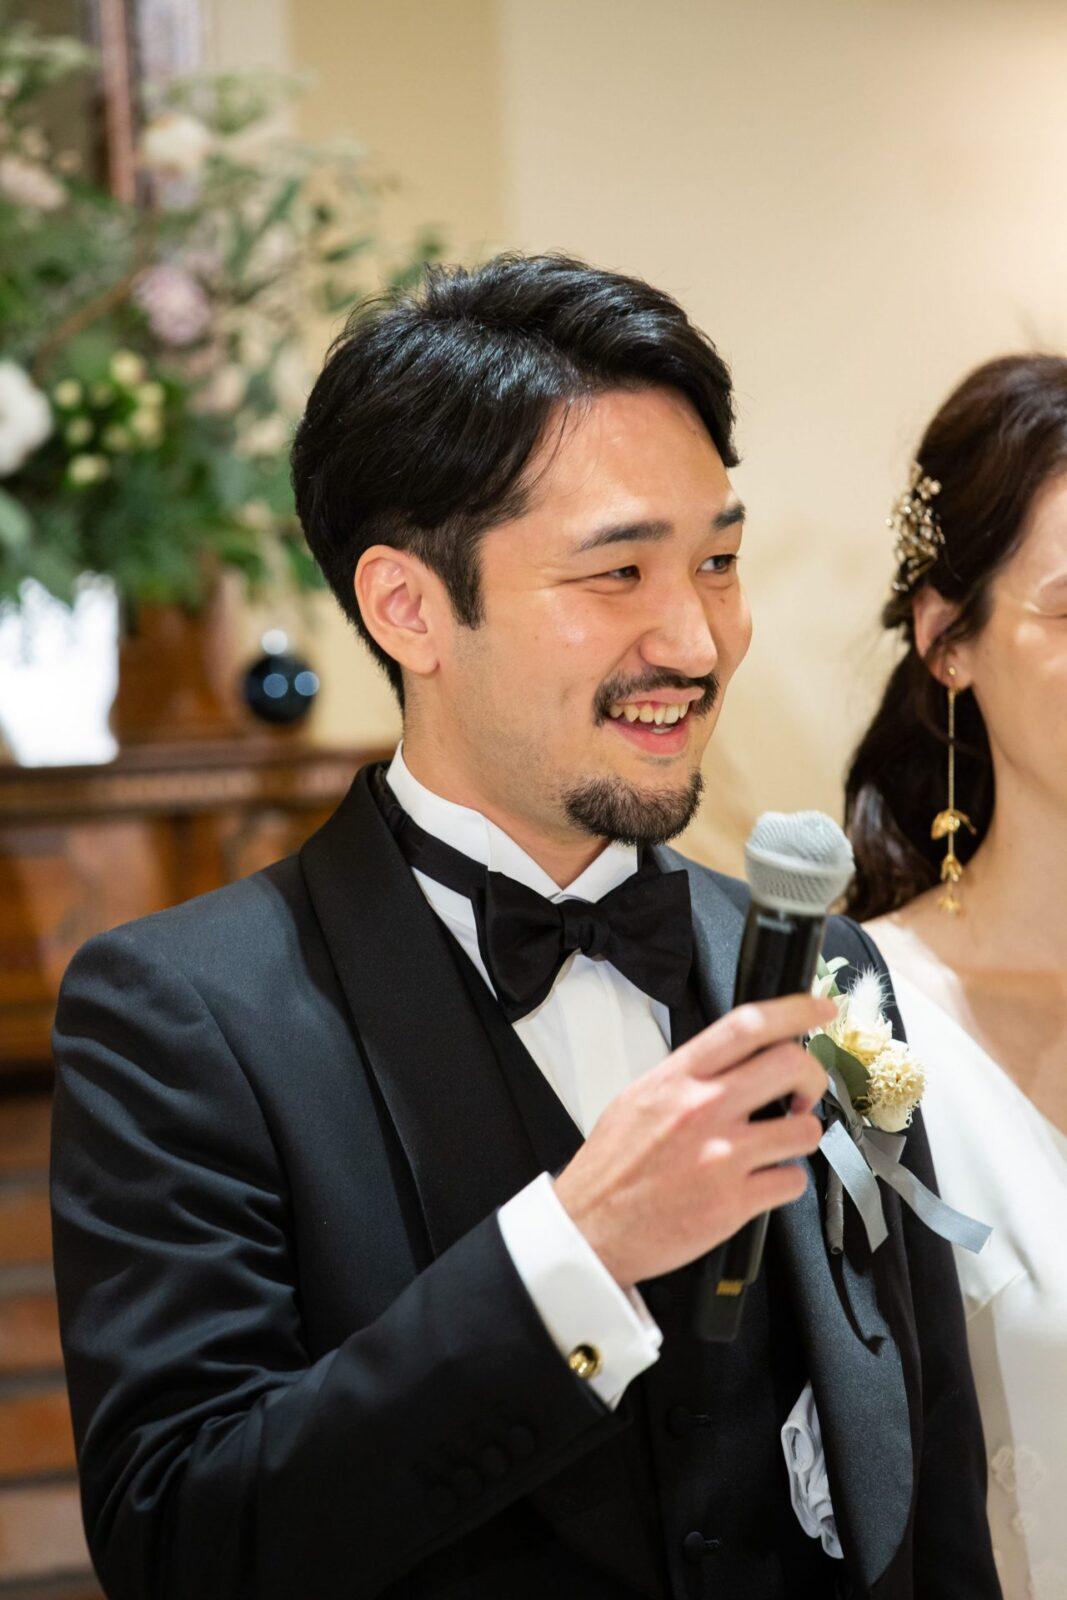 東京・表参道の人気ドレスショップ、ザトリートドレッシングでお手伝いをさせていただいたフォーマルタキシードをお召し頂いたご新郎様